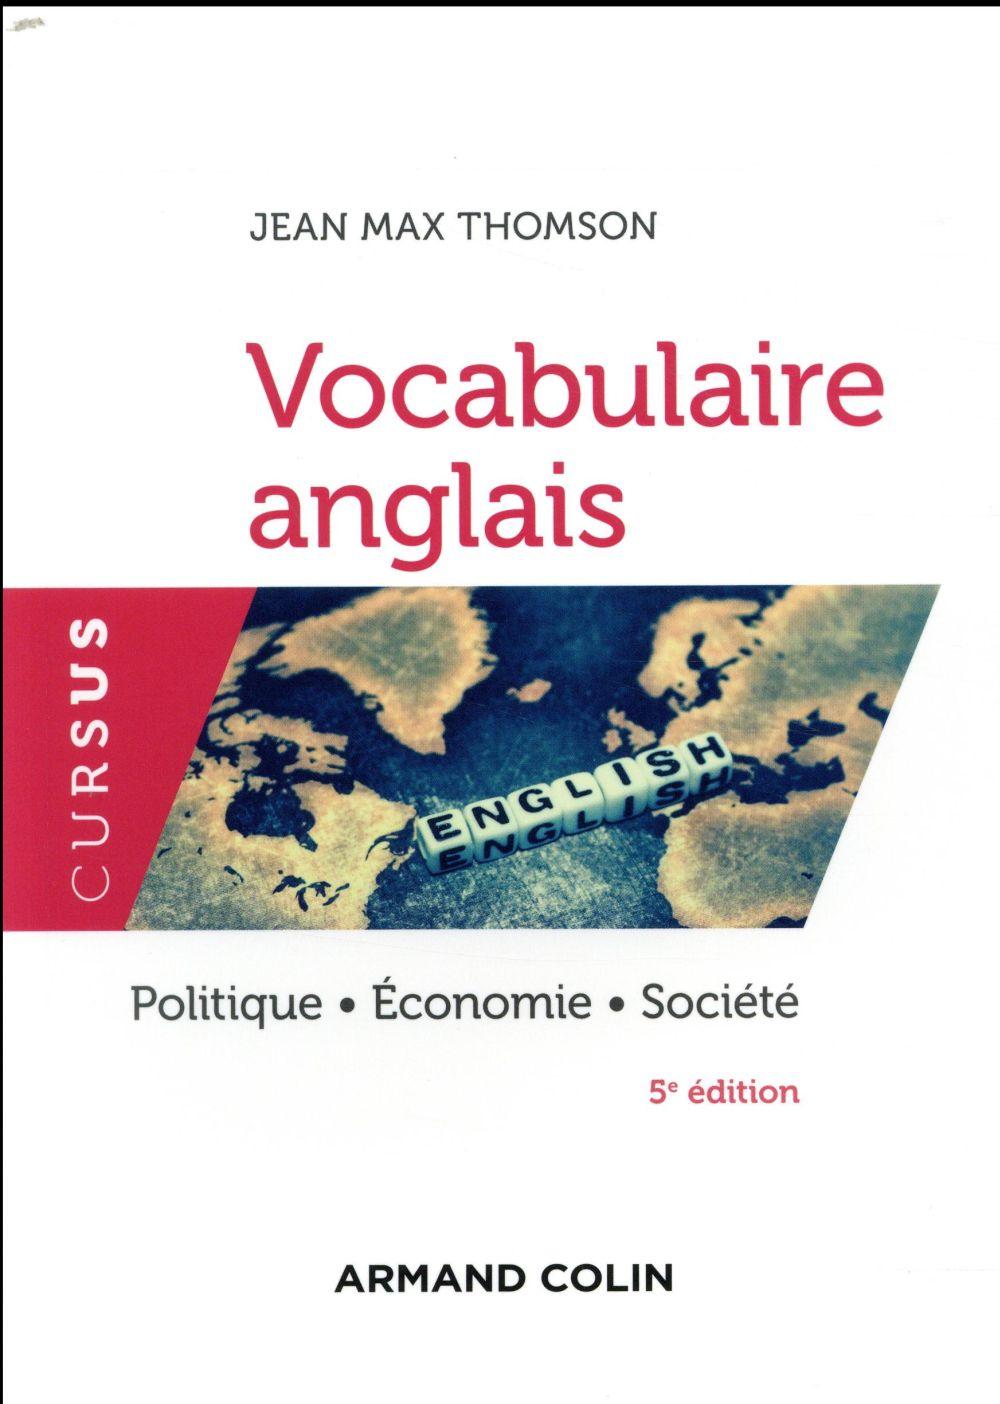 Vocabulaire anglais ; politique, économie, société (5e édition)